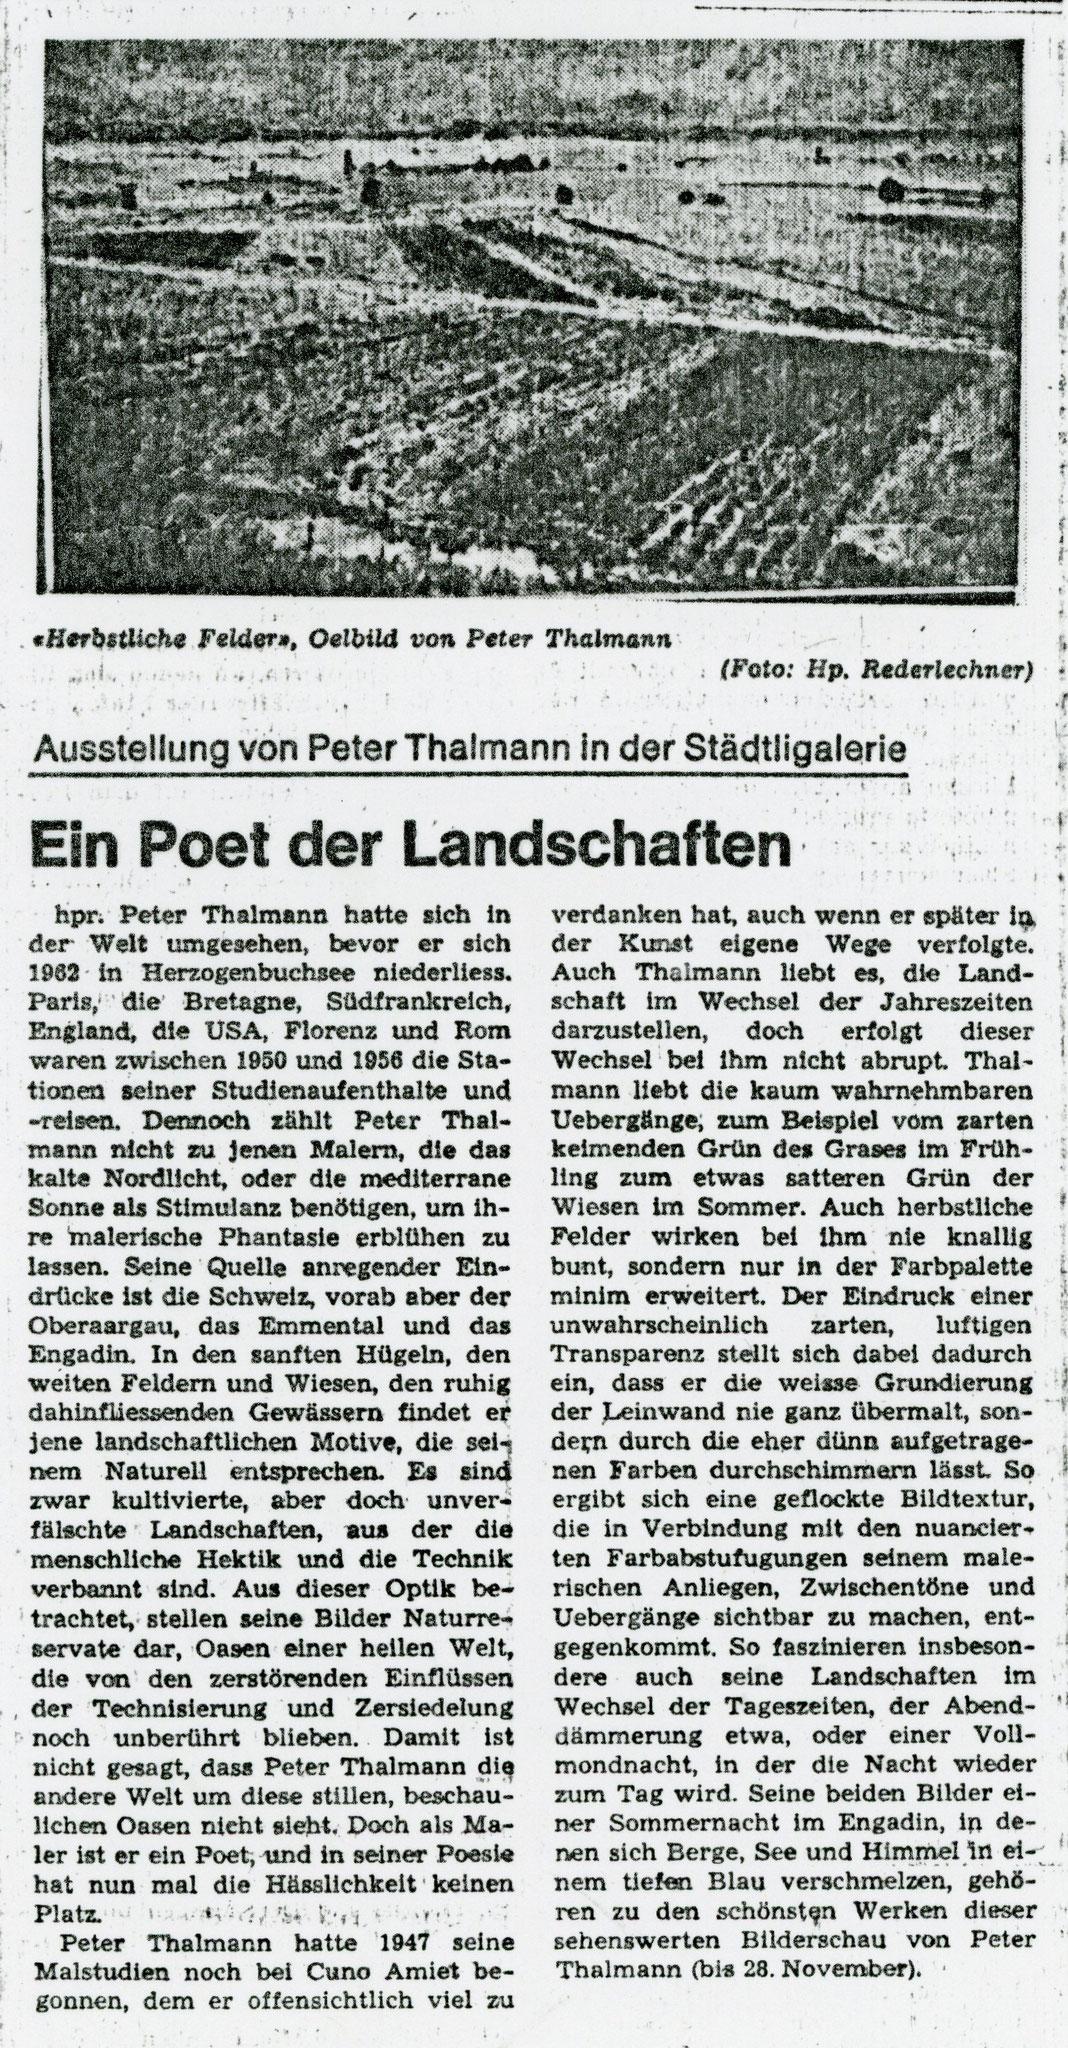 1976, Städtligalerie: Zeitungsbericht